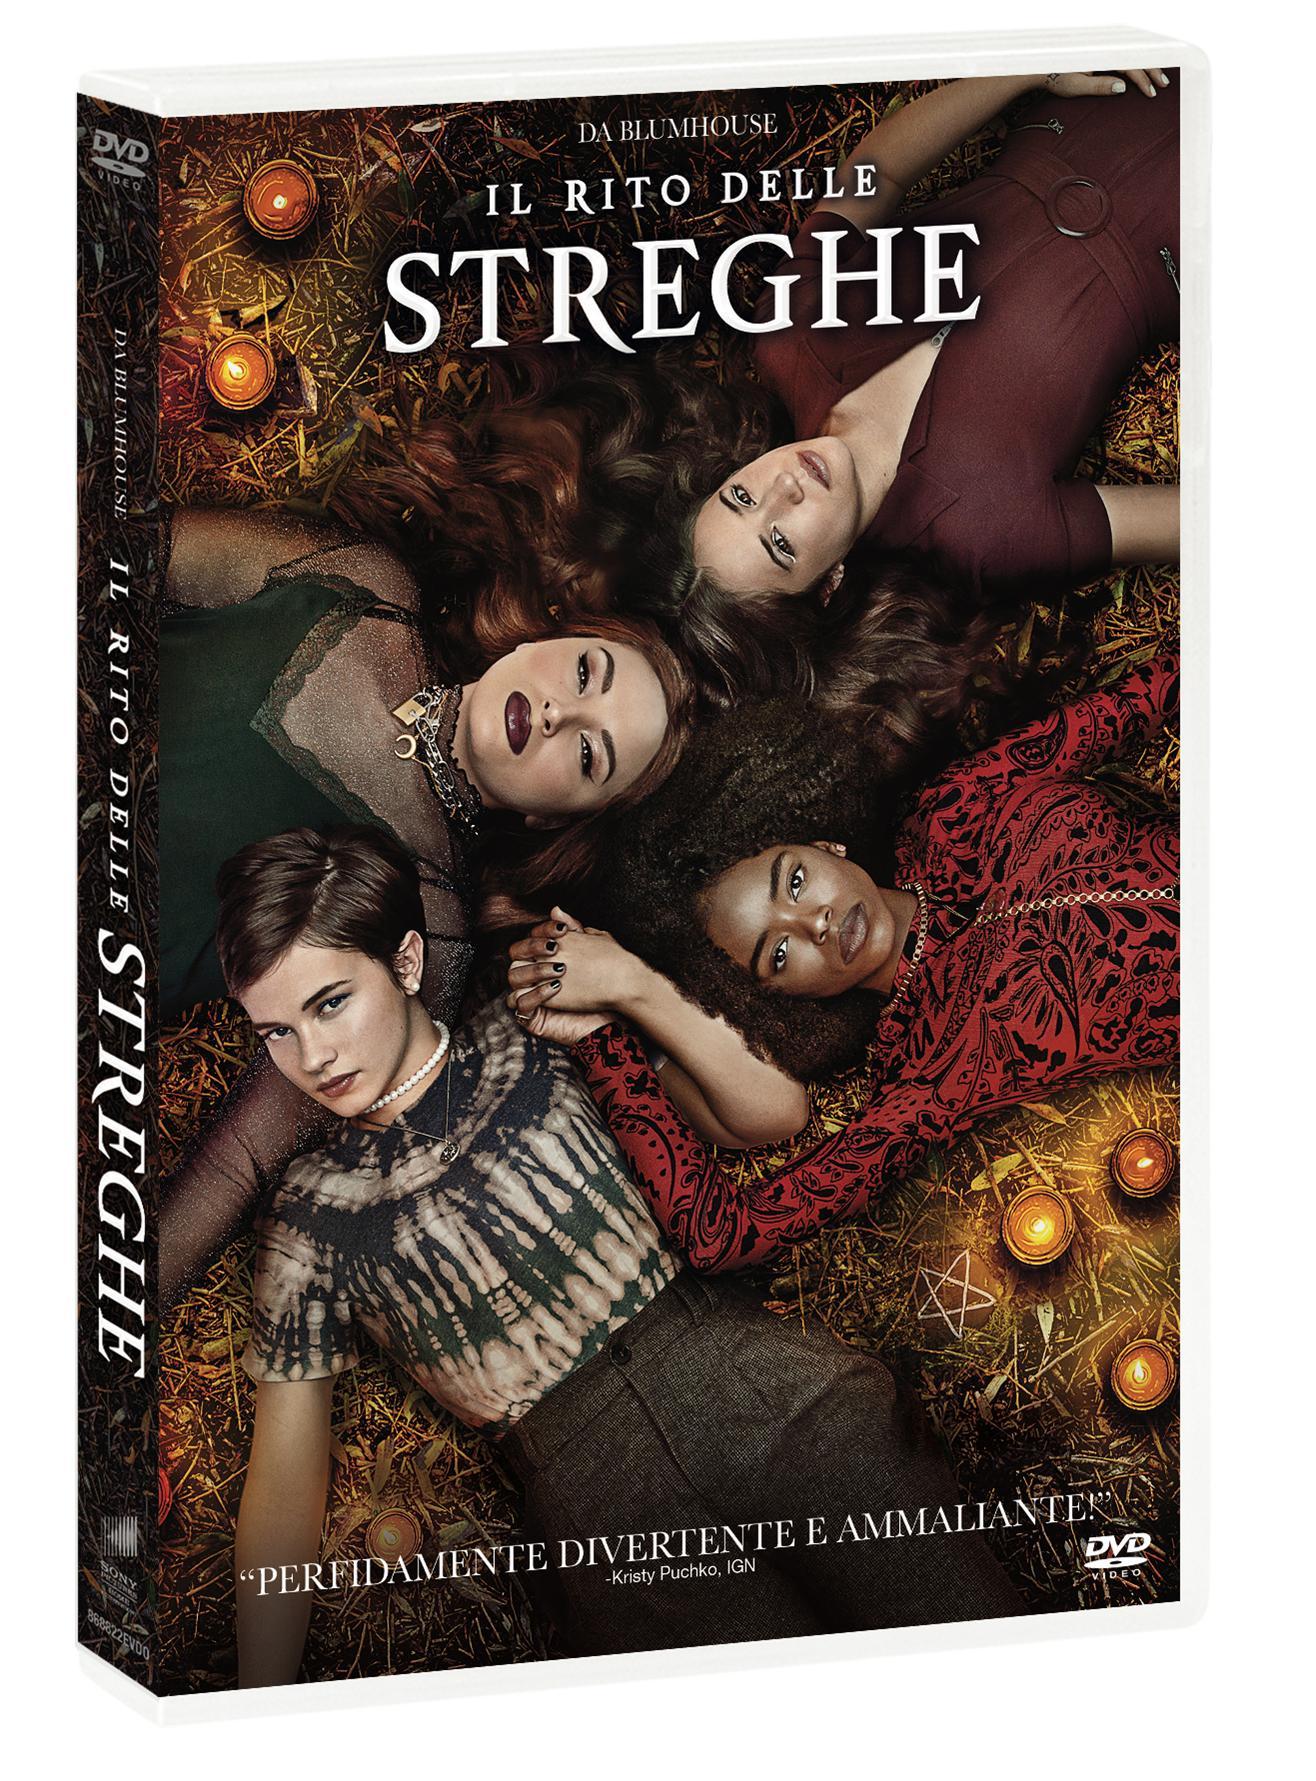 IL RITO DELLE STREGHE (DVD)